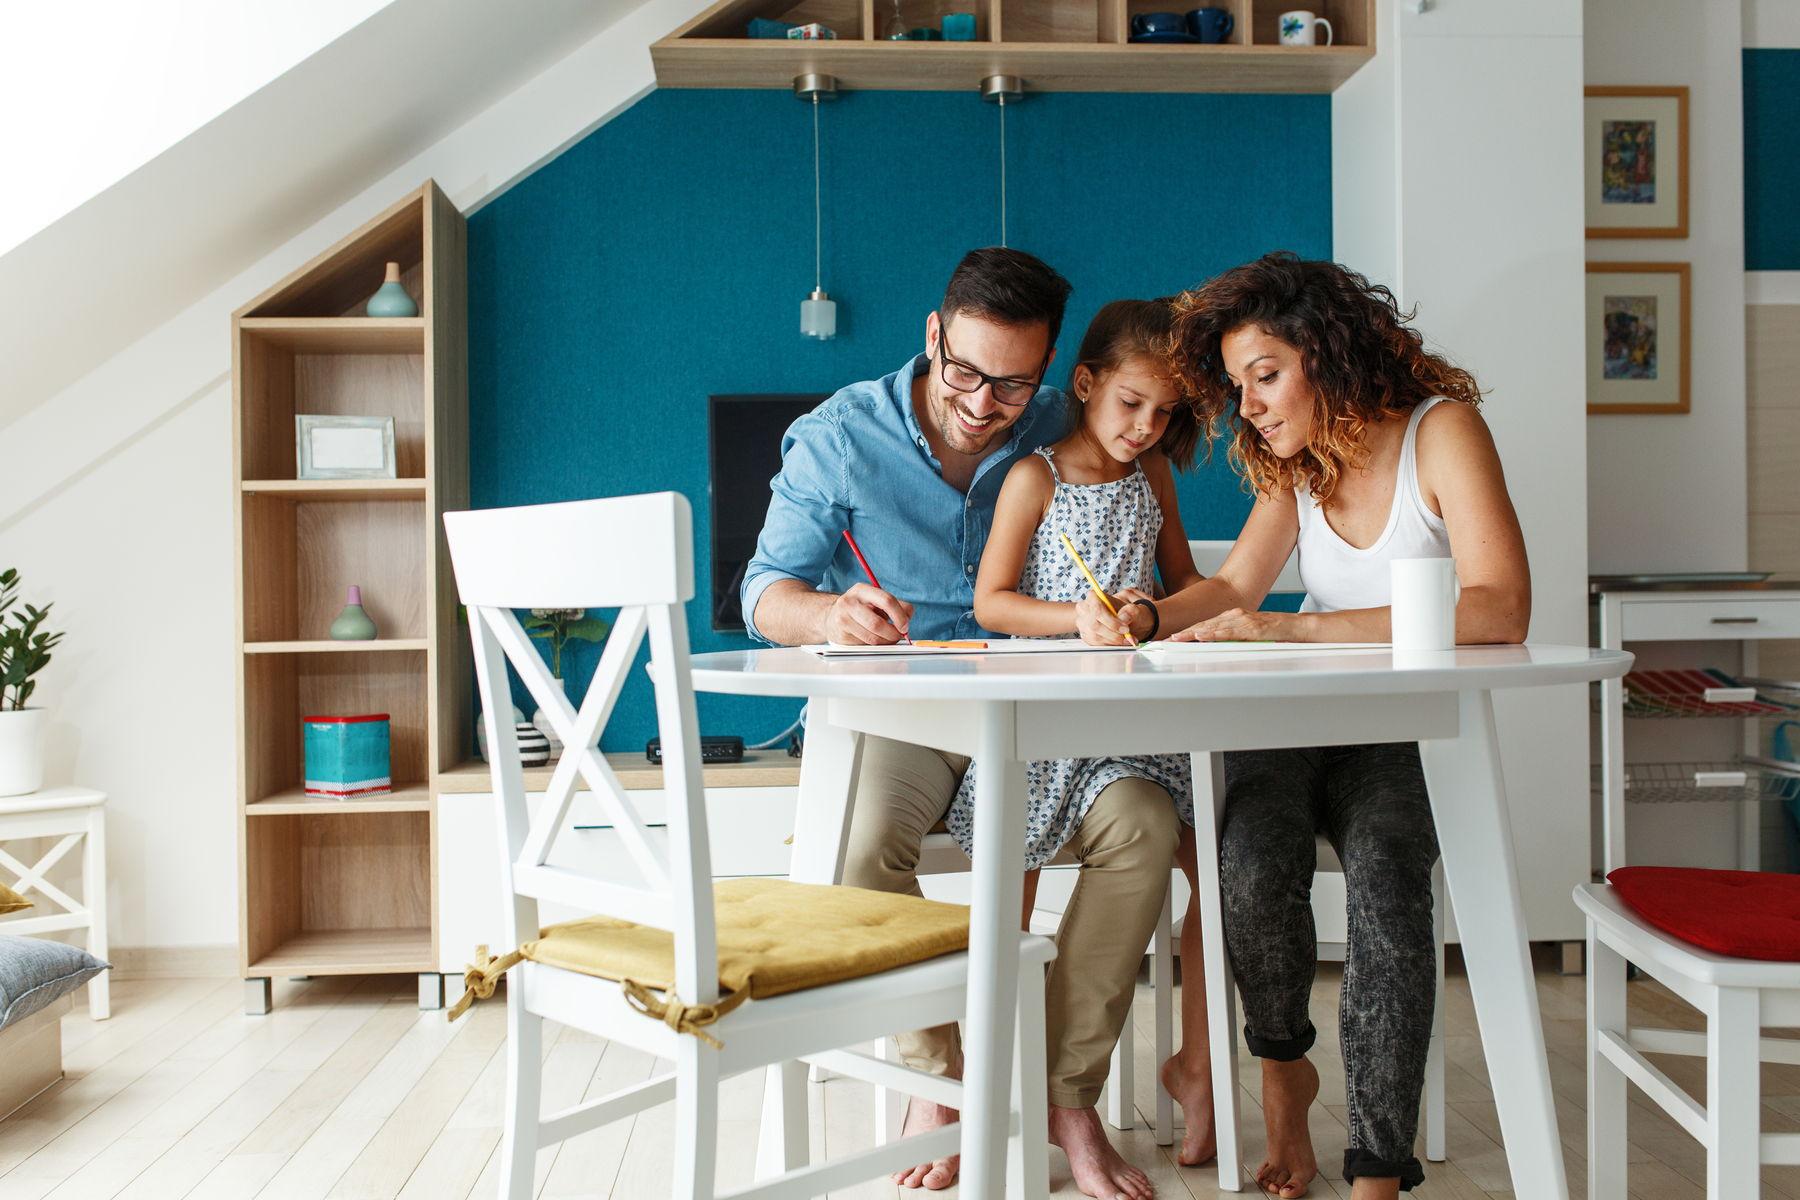 Familie schaut Fernsehen im Wohnzimmer